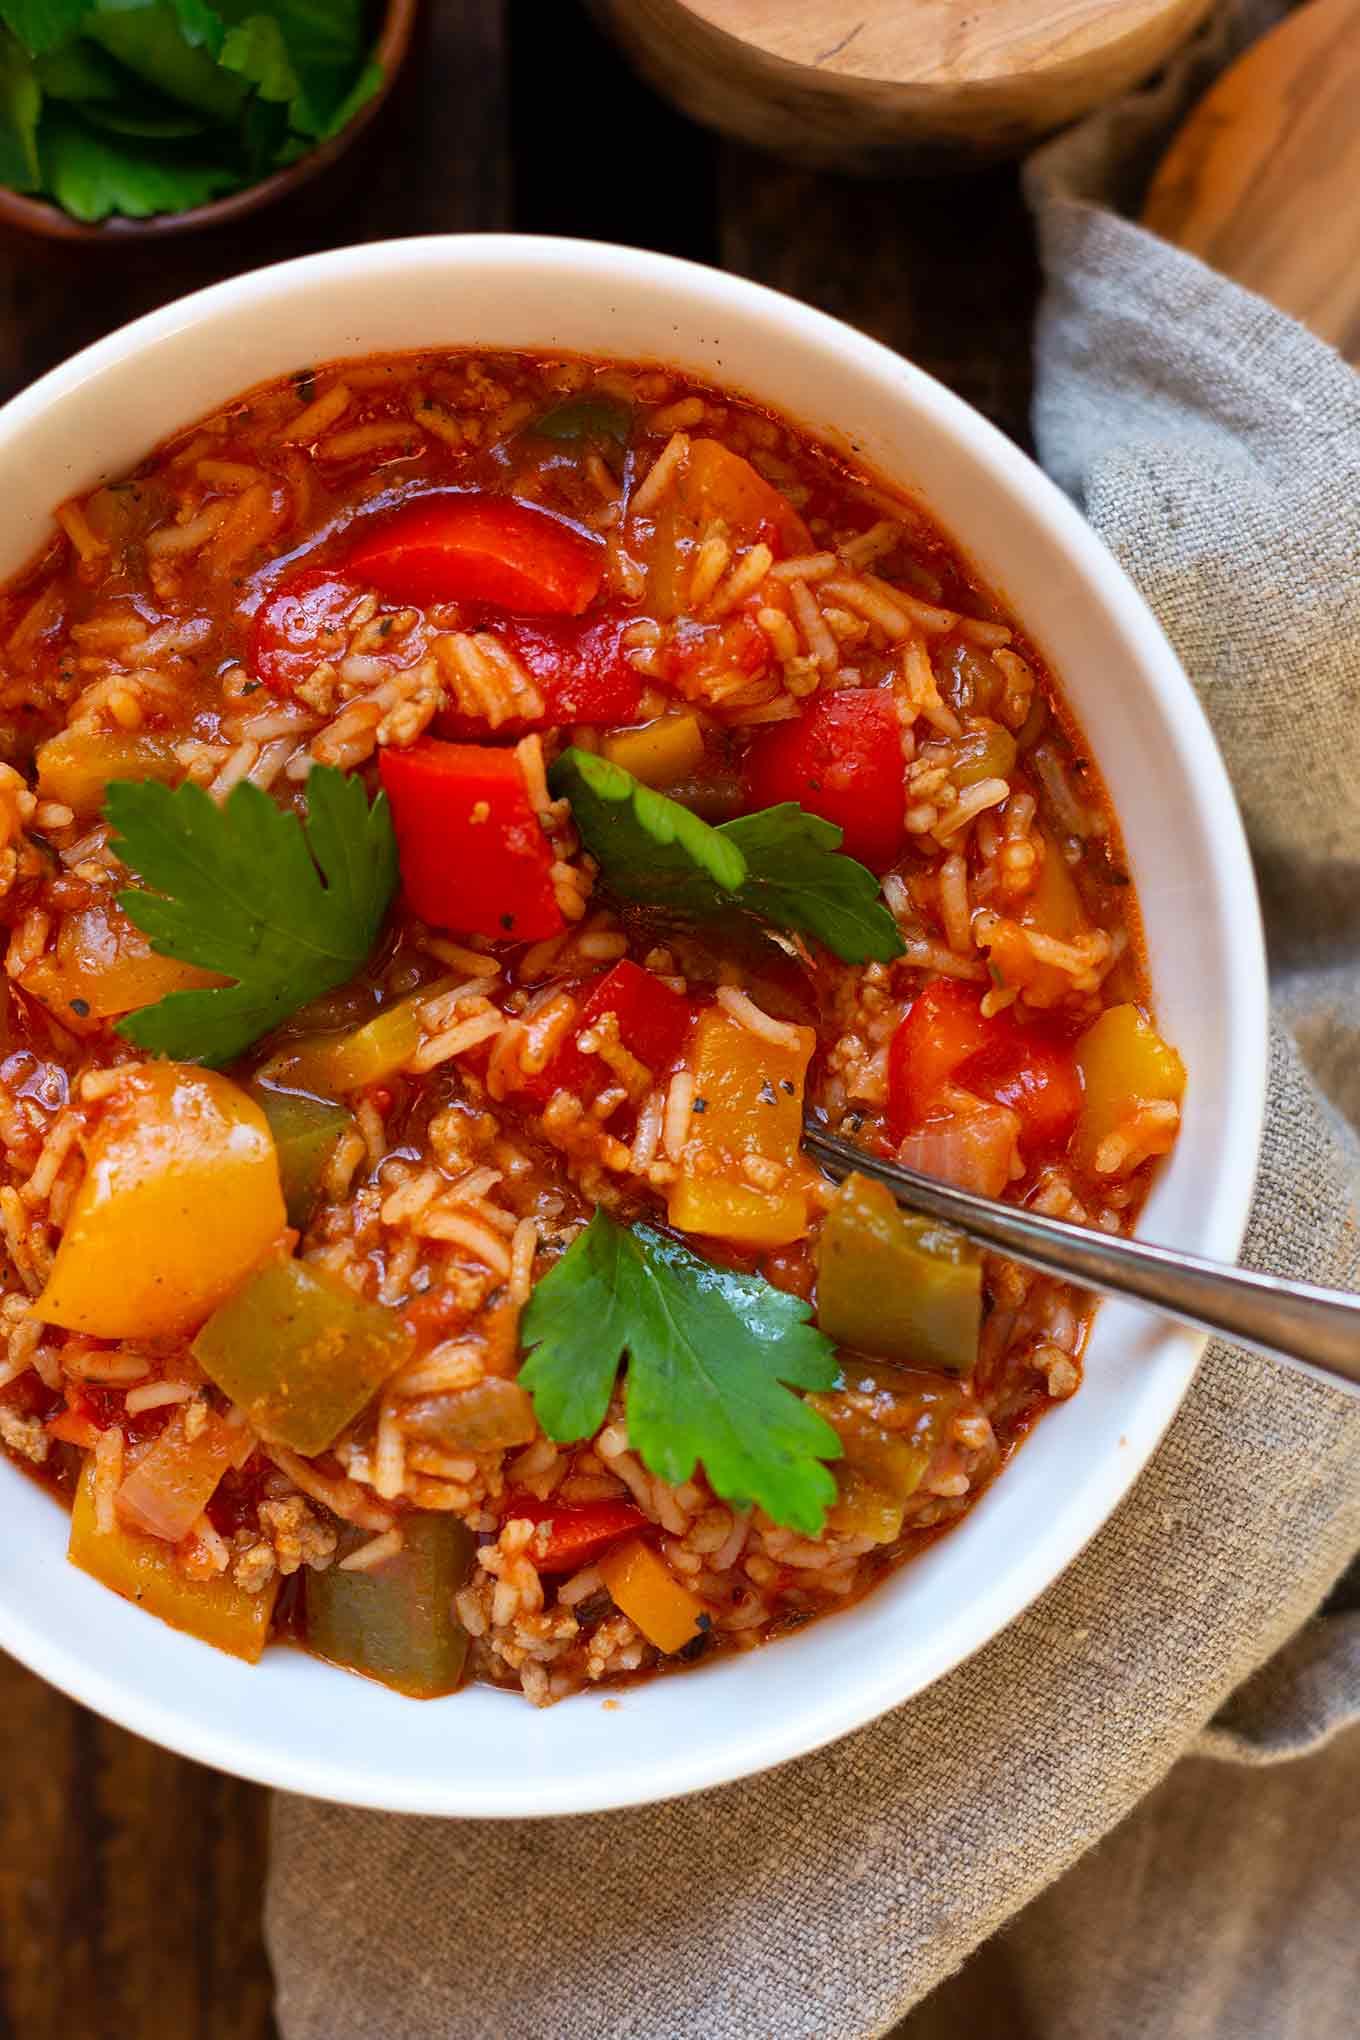 Die gefüllte Paprika Suppe (Stuffed Pepper Soup) ist die perfekte Alternative zu gefüllter Paprika mit Hackfleisch, Paprika Tomaten und Reis. Nur halb so aufwendig & herrlich herzhaft! Kochkarussell - dein Foodblog für schnelle und einfache Feierabend Rezepte #kochkarussell #stuffedpeppersoup #soulfood #feierabendküche